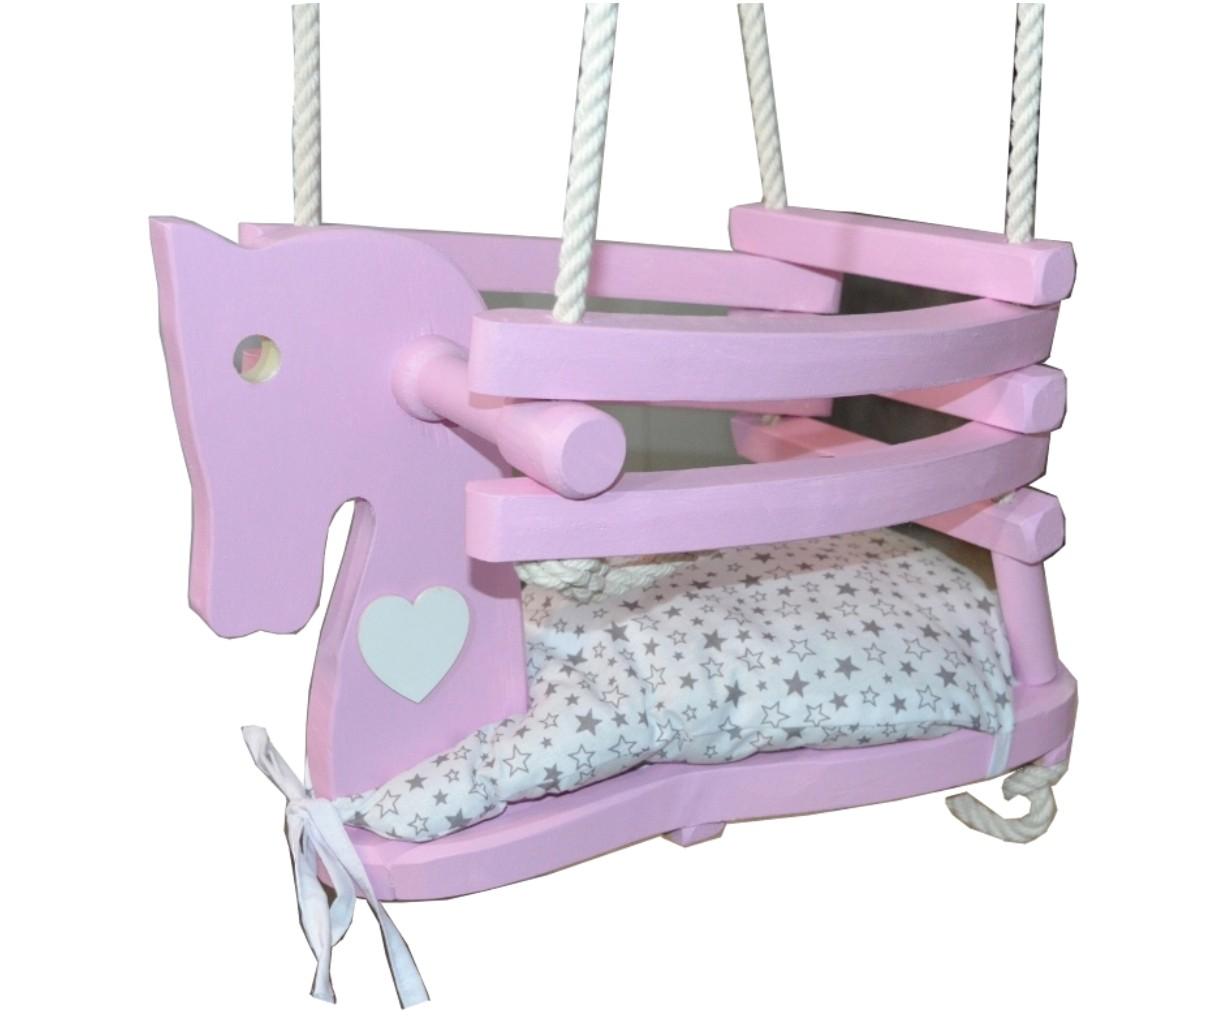 Dřevěná houpačka Sweet horse růžový koník, srdce bílé, podsedák hvězdičky šedé 42x30x28cm